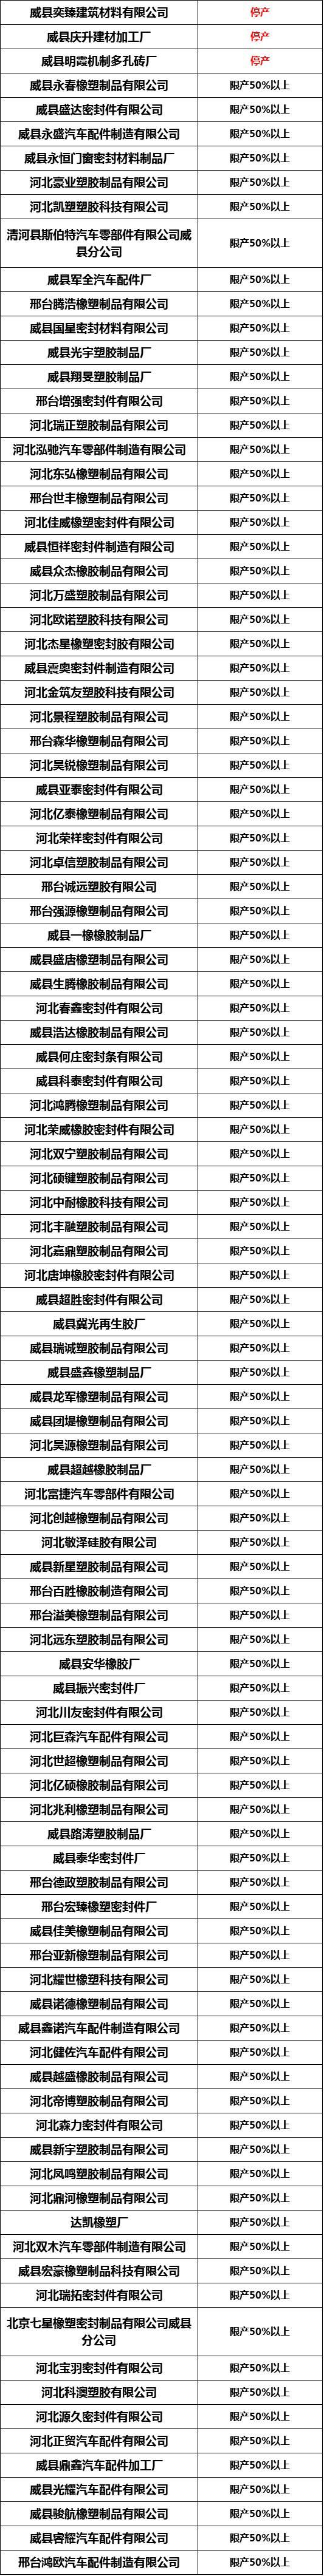 新河邢钢搬迁规划图